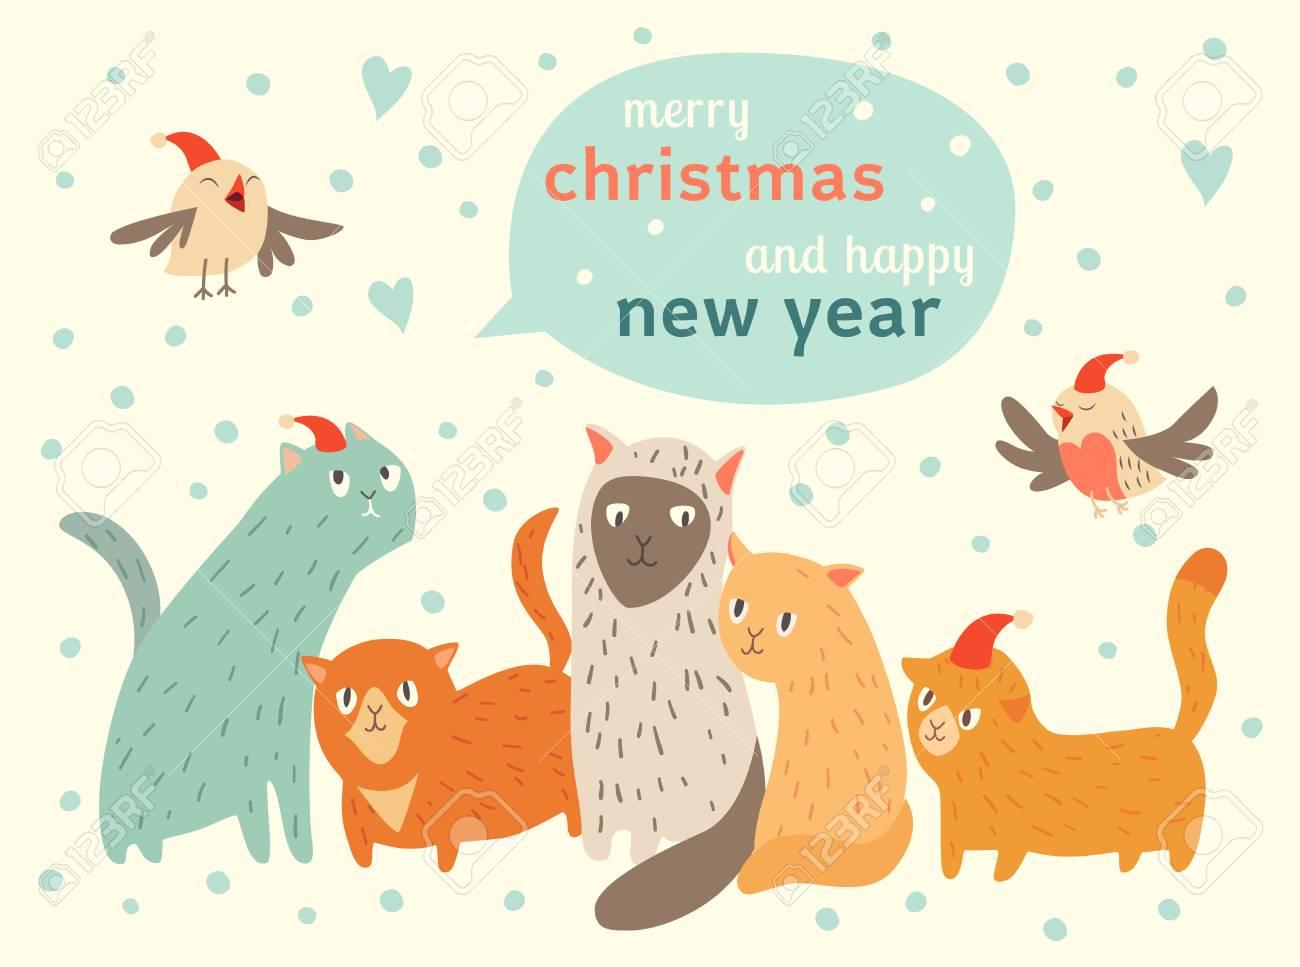 Joyeux Noel Et Bonne Annee Carte Avec Des Chats Et Des Oiseaux